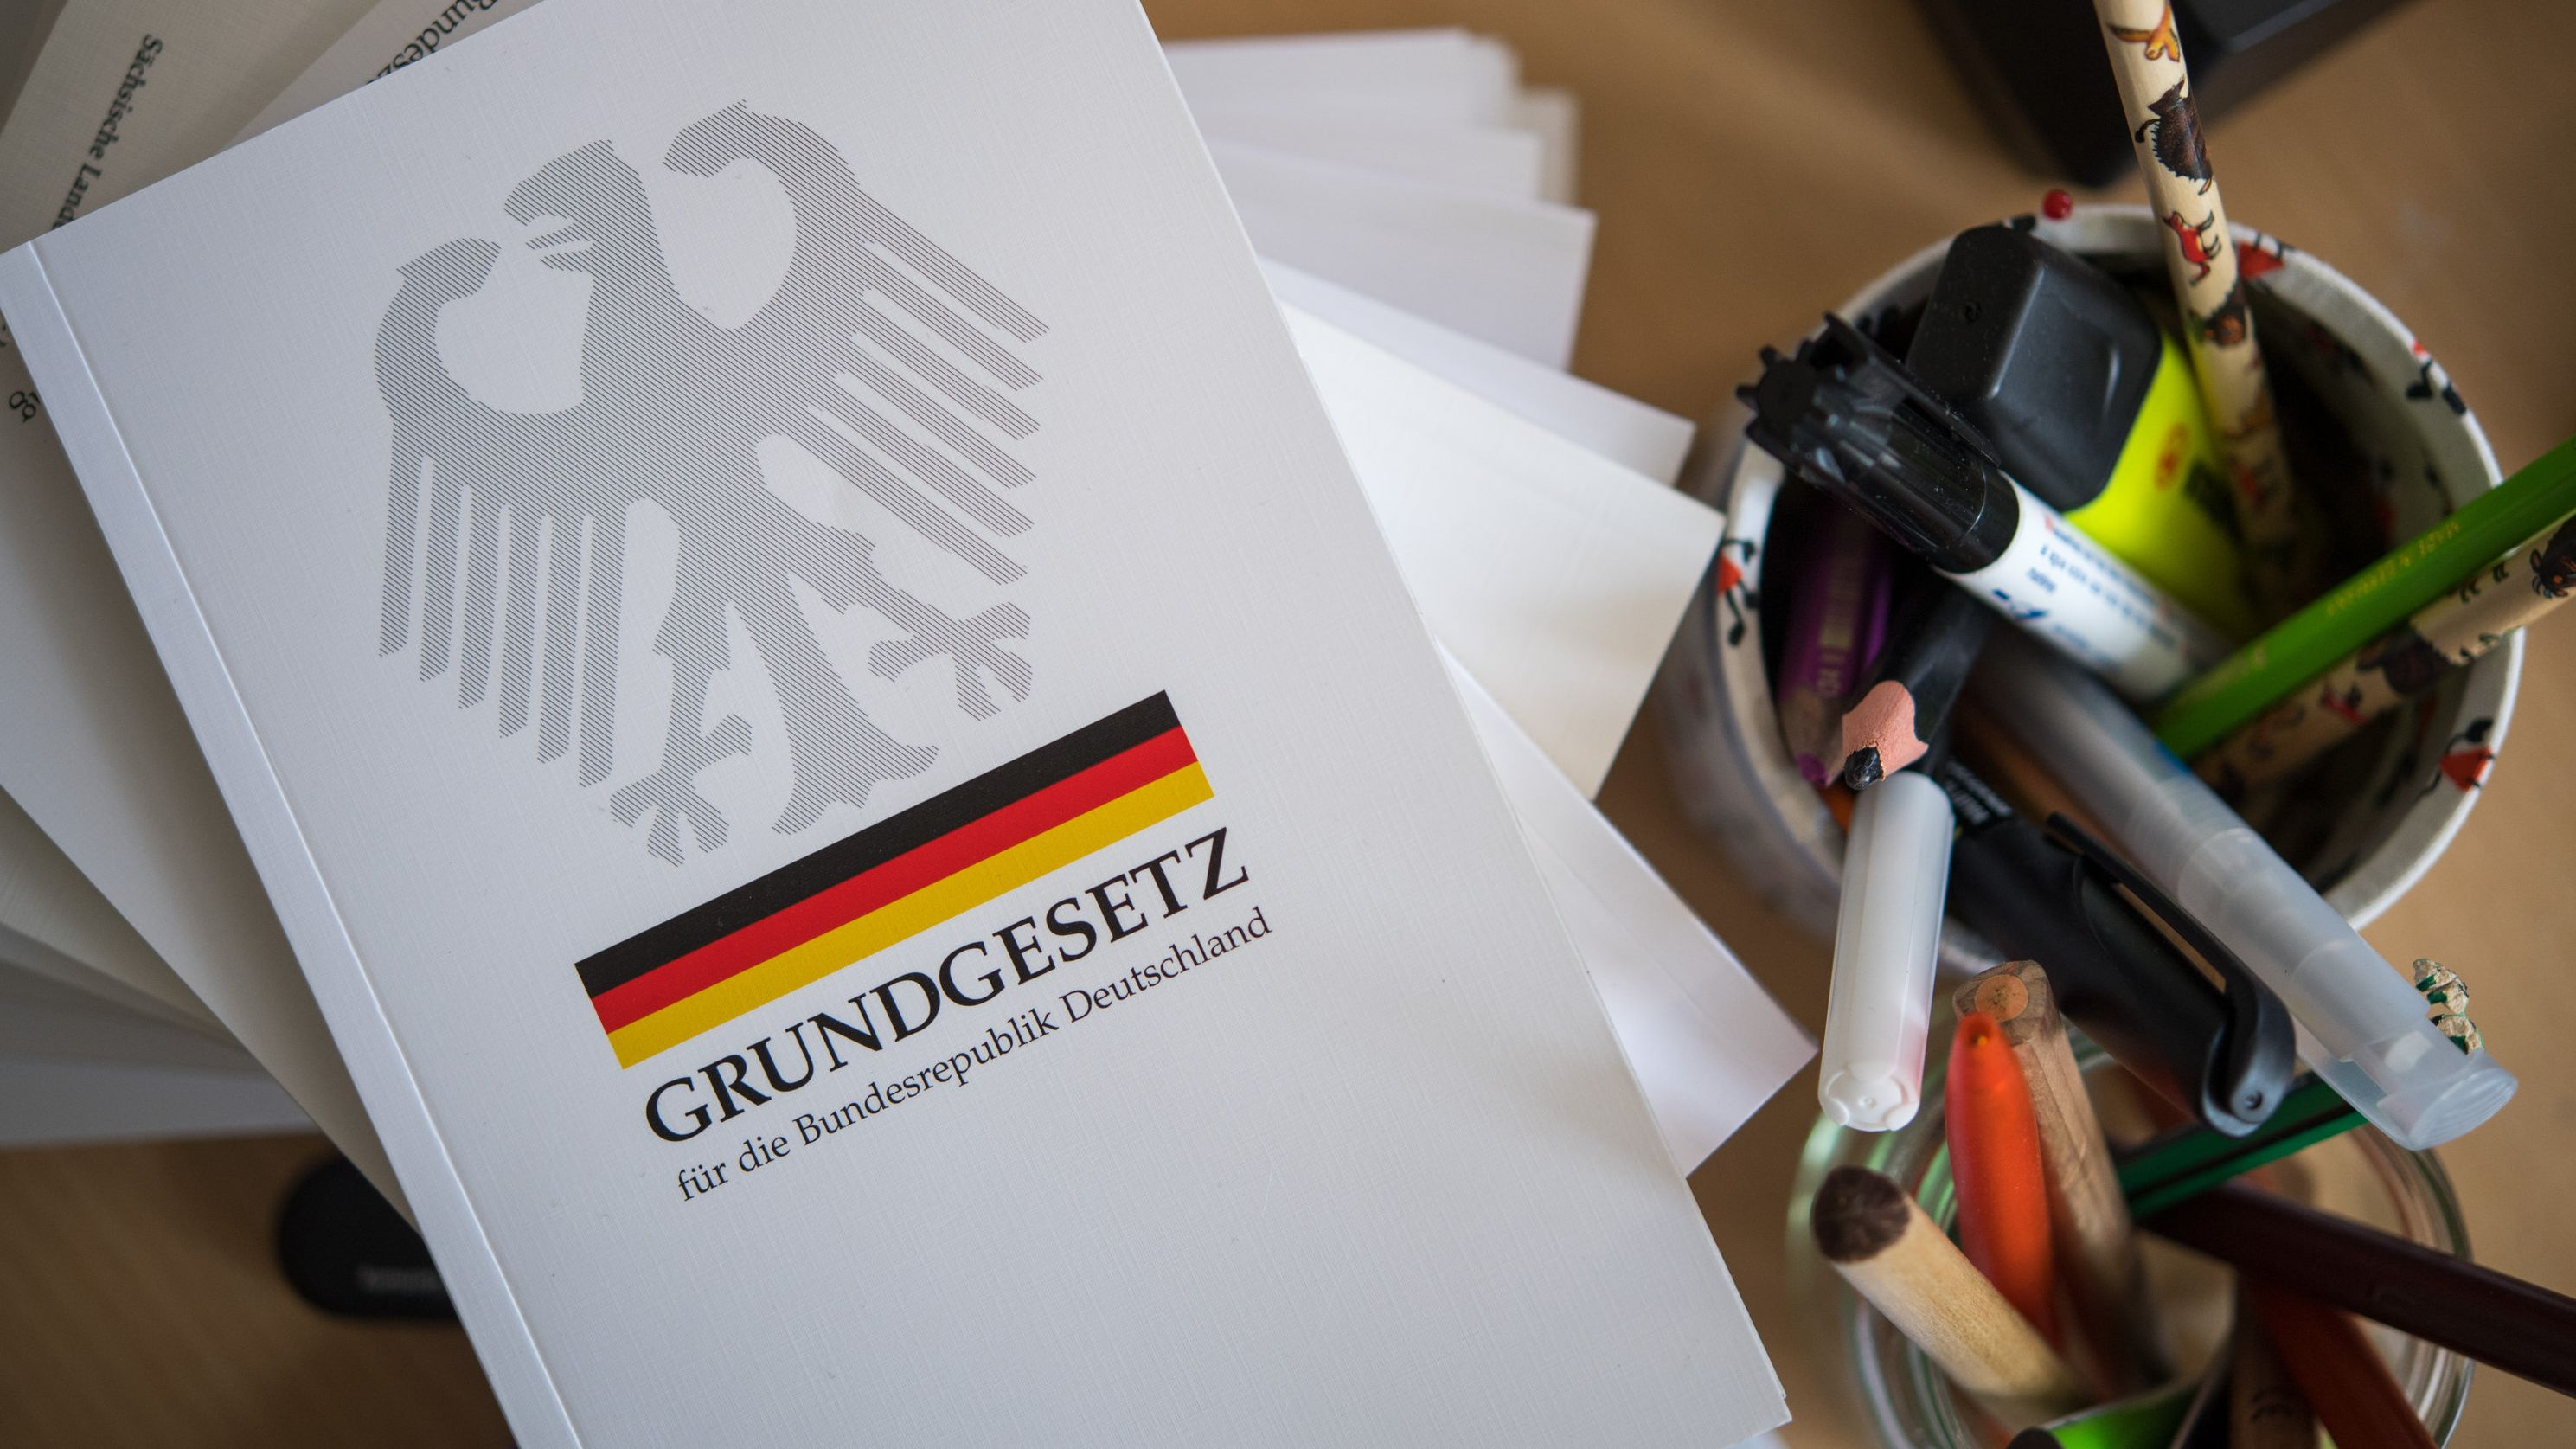 Eine Ausgabe des Grundgesetzes der Bundesrepublik Deutschland liegt auf einem Tisch neben Schreibutensilien.